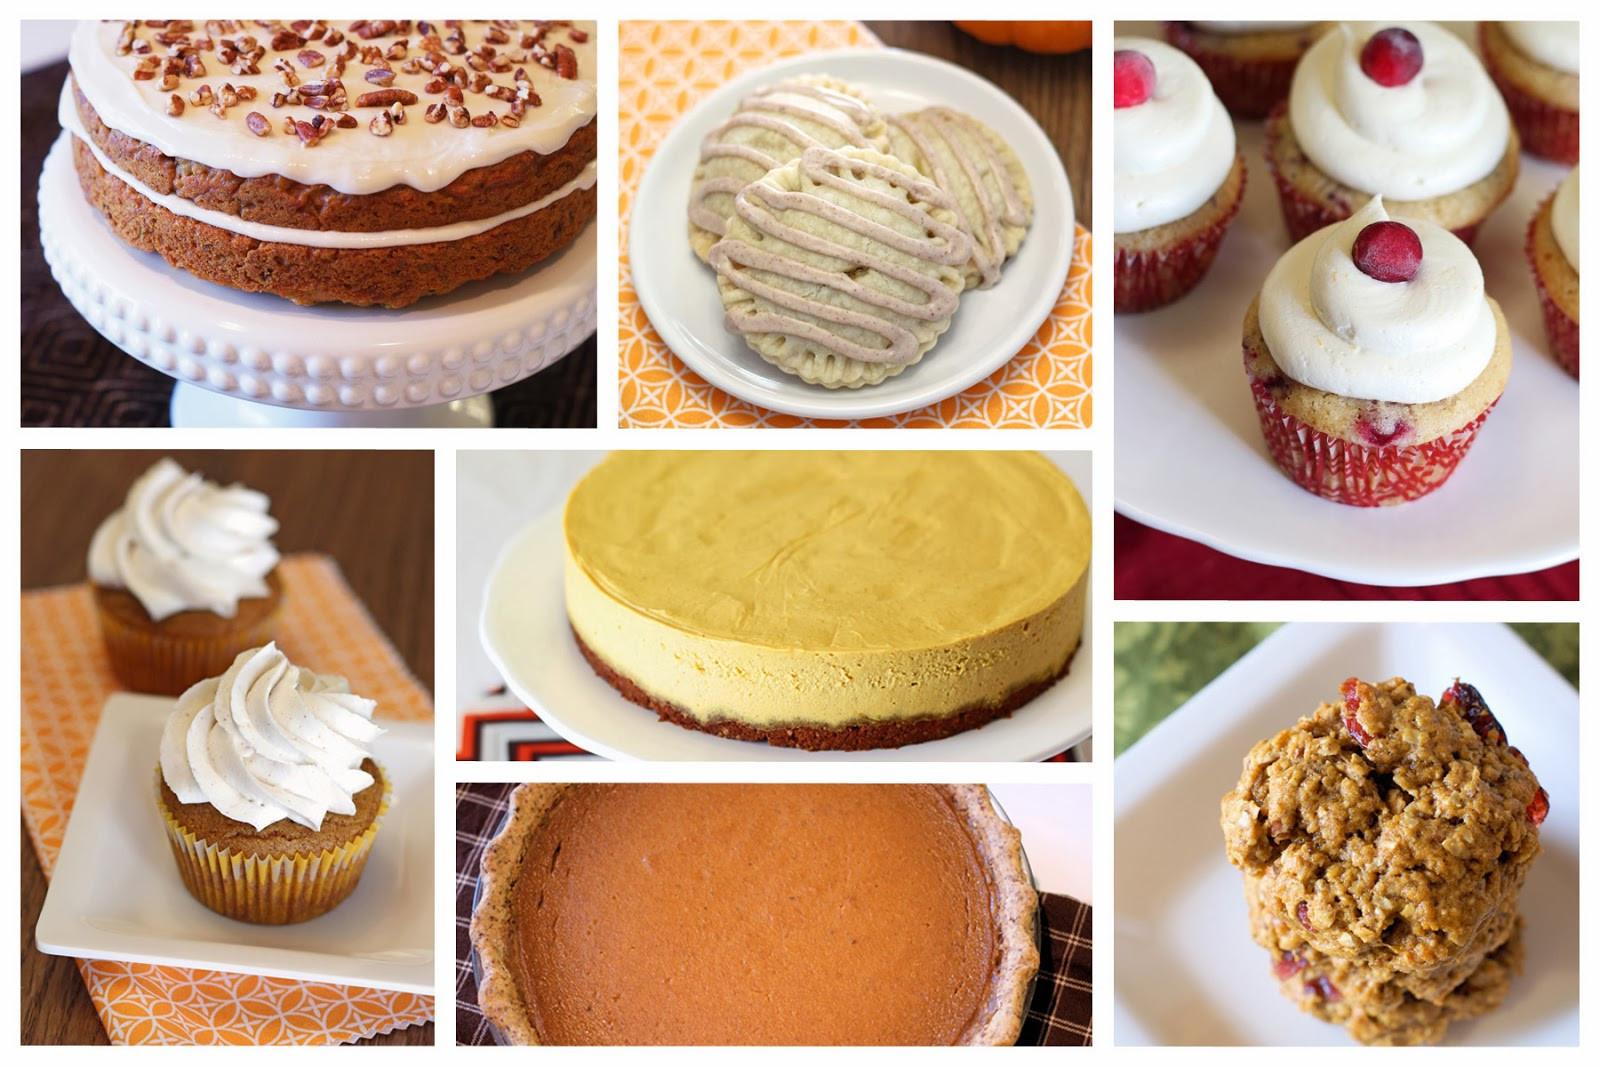 Thanksgiving Gluten Free Desserts  gluten free vegan thanksgiving desserts Sarah Bakes